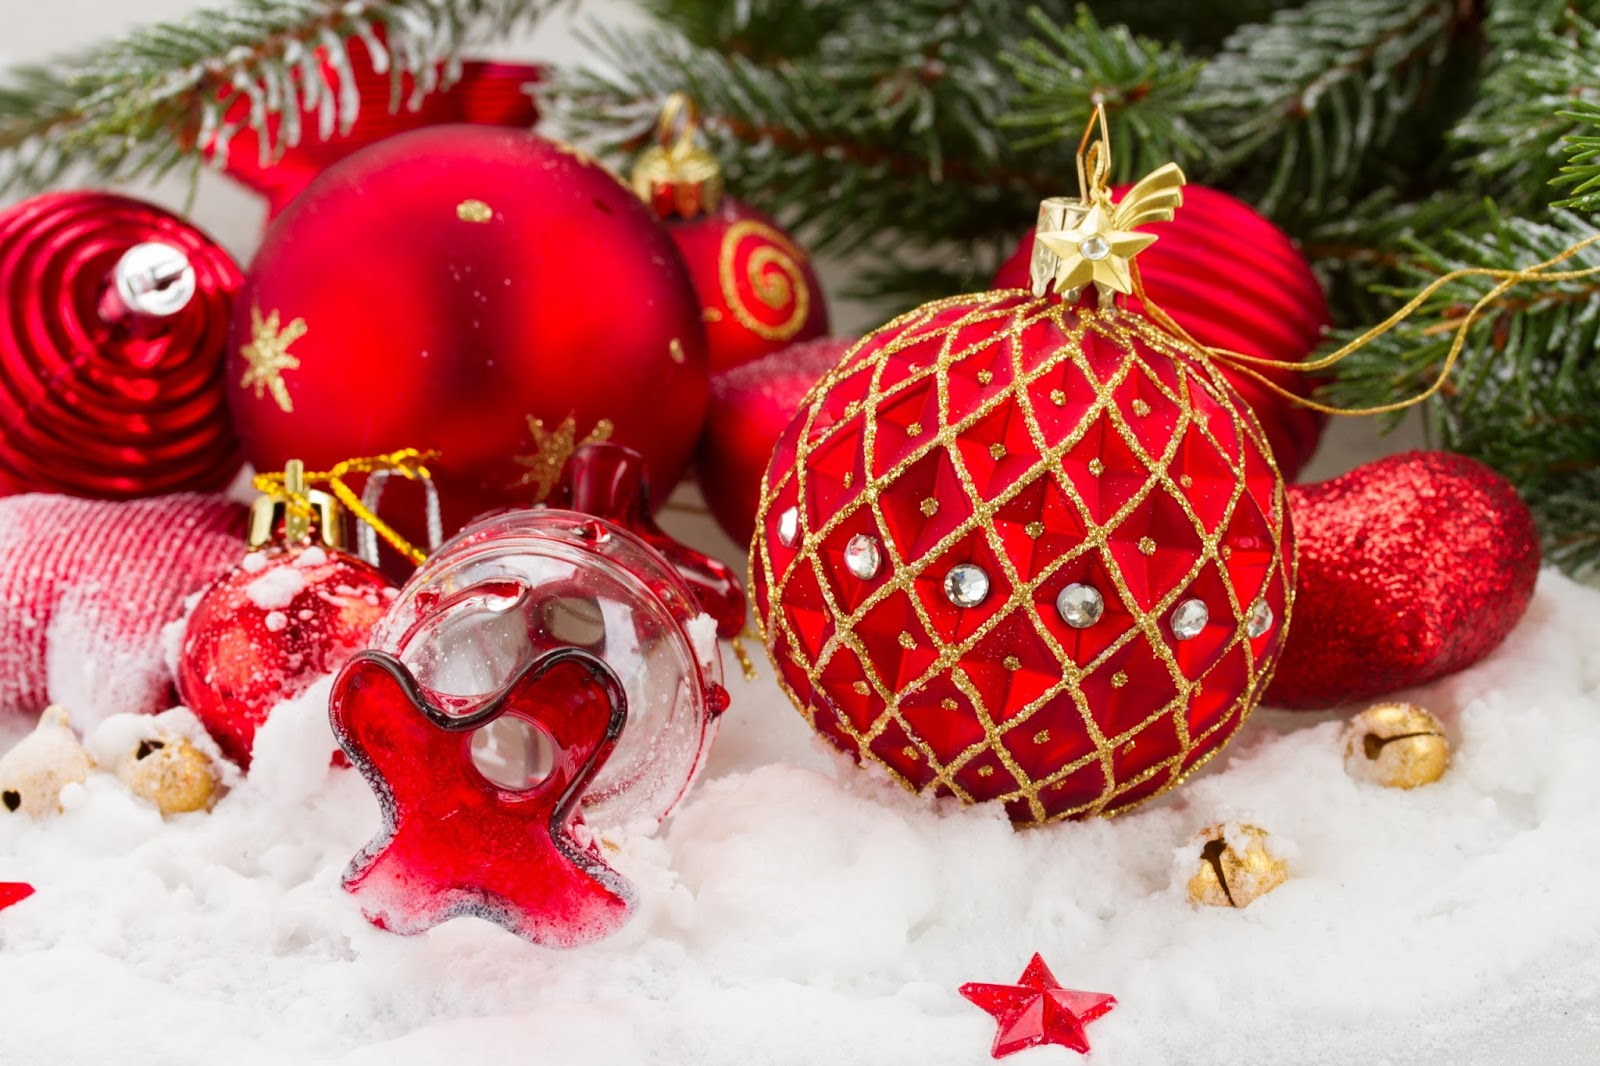 Fondos de pantalla de navidad muy bonitos imagenes de - Bolas de navidad ...